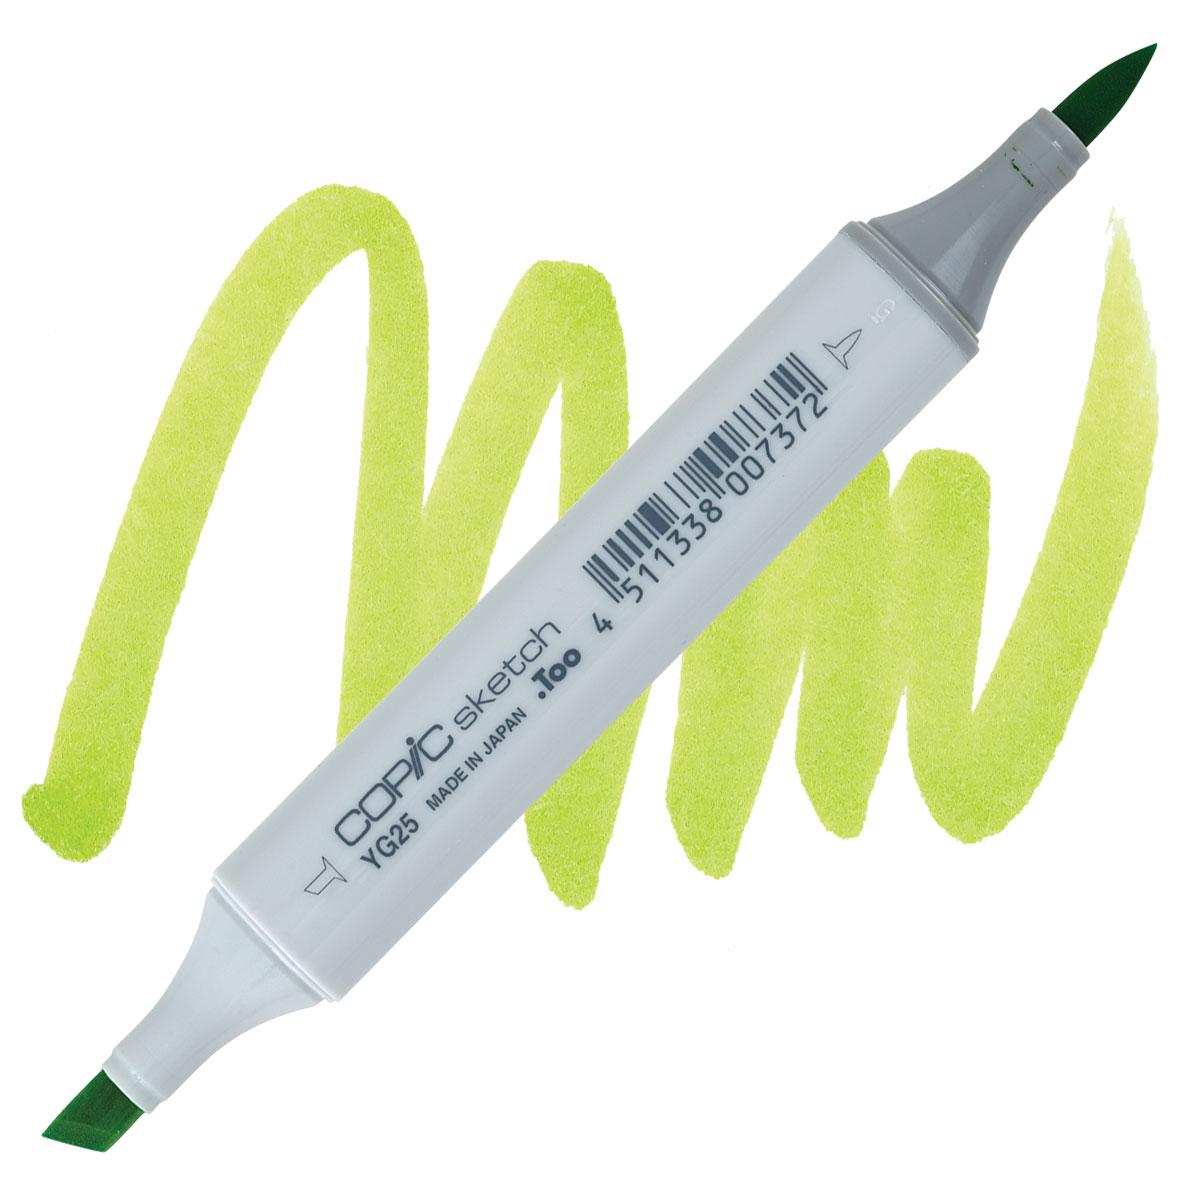 221117490 copic sketch markers blick art materials